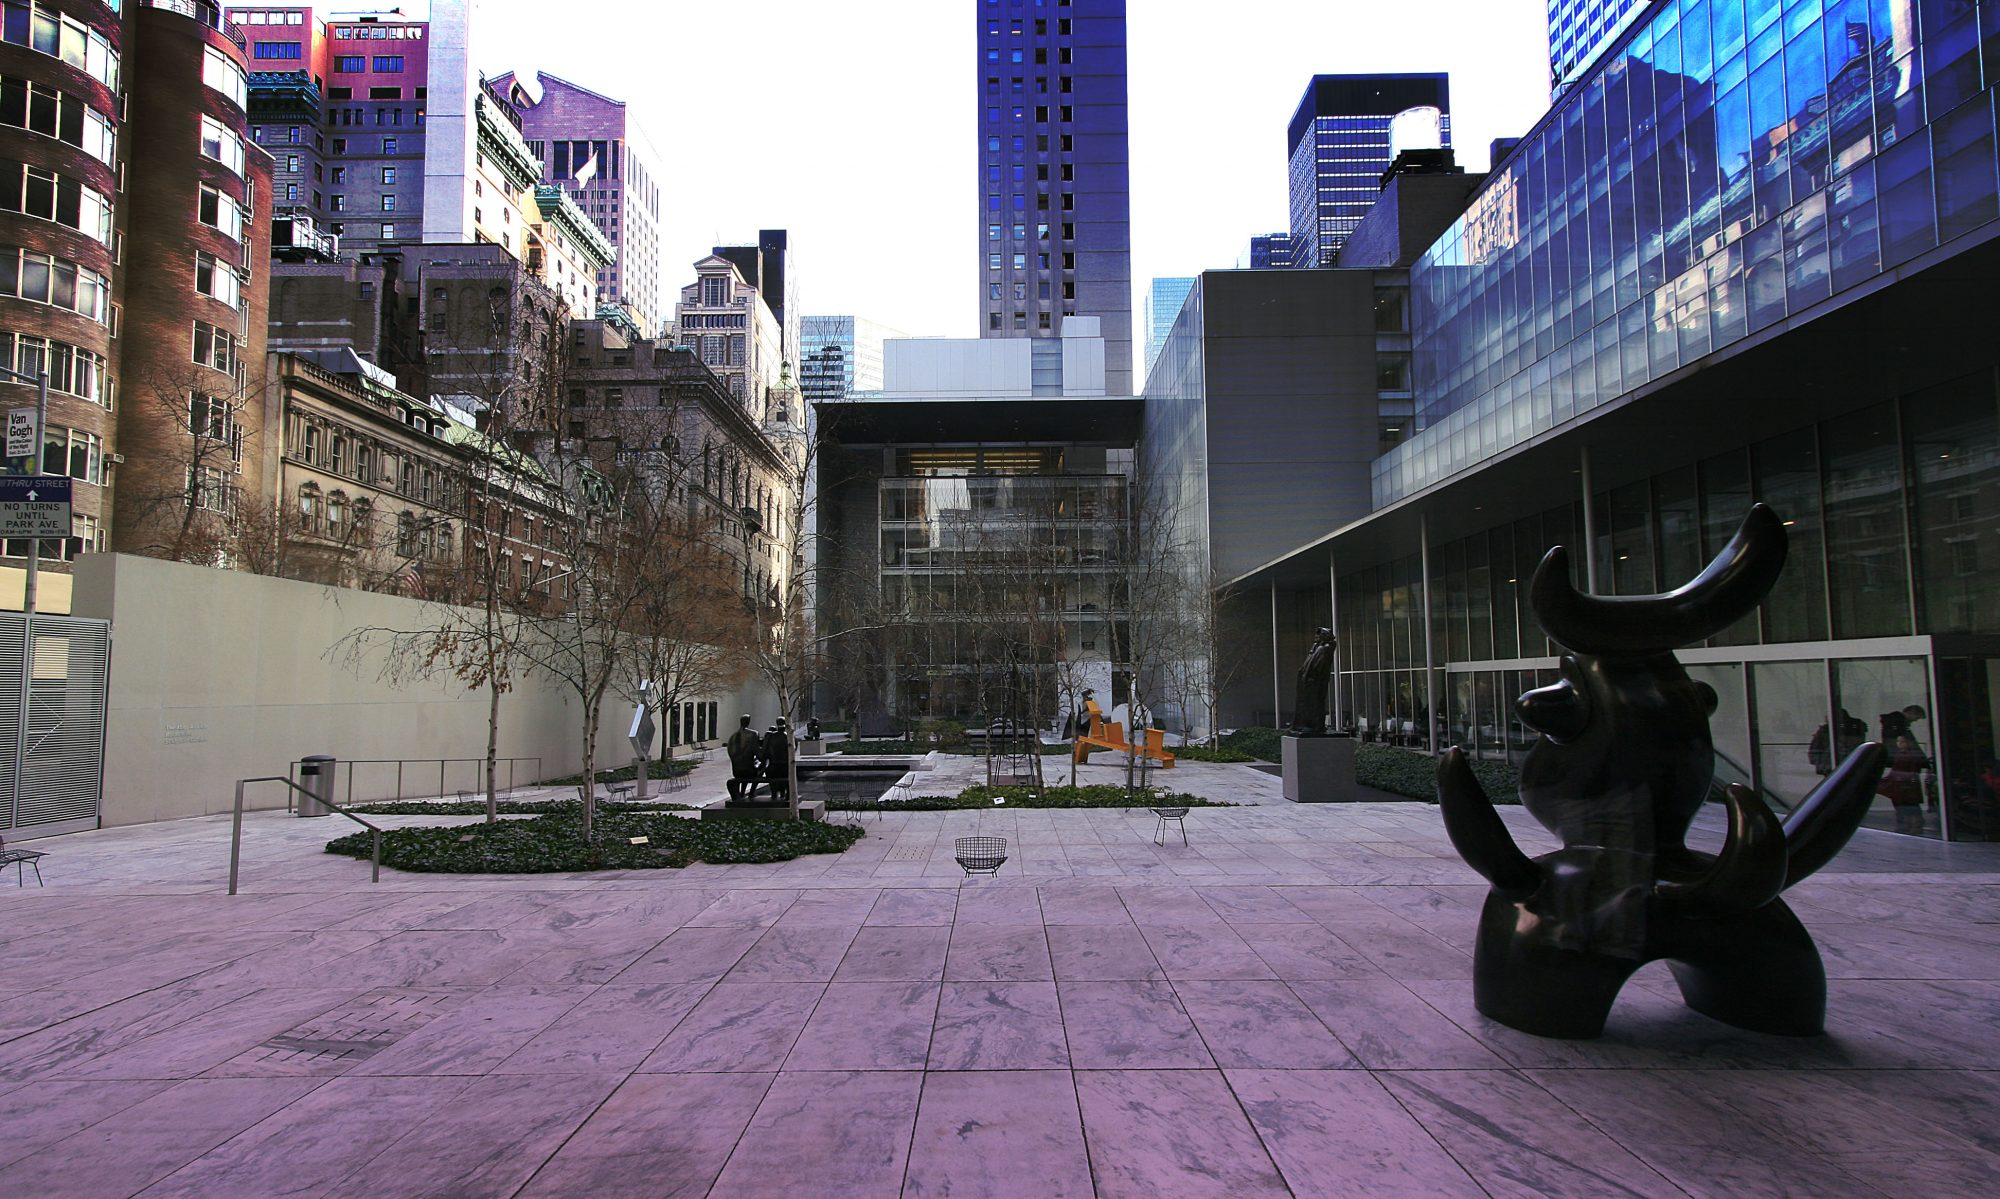 株式会社アインスコーポレーション|愛知県名古屋市のデザイン制作 - WEB・印刷・SNS等のマルチメディアに特化した広告代理店 - EINS CORPORATION